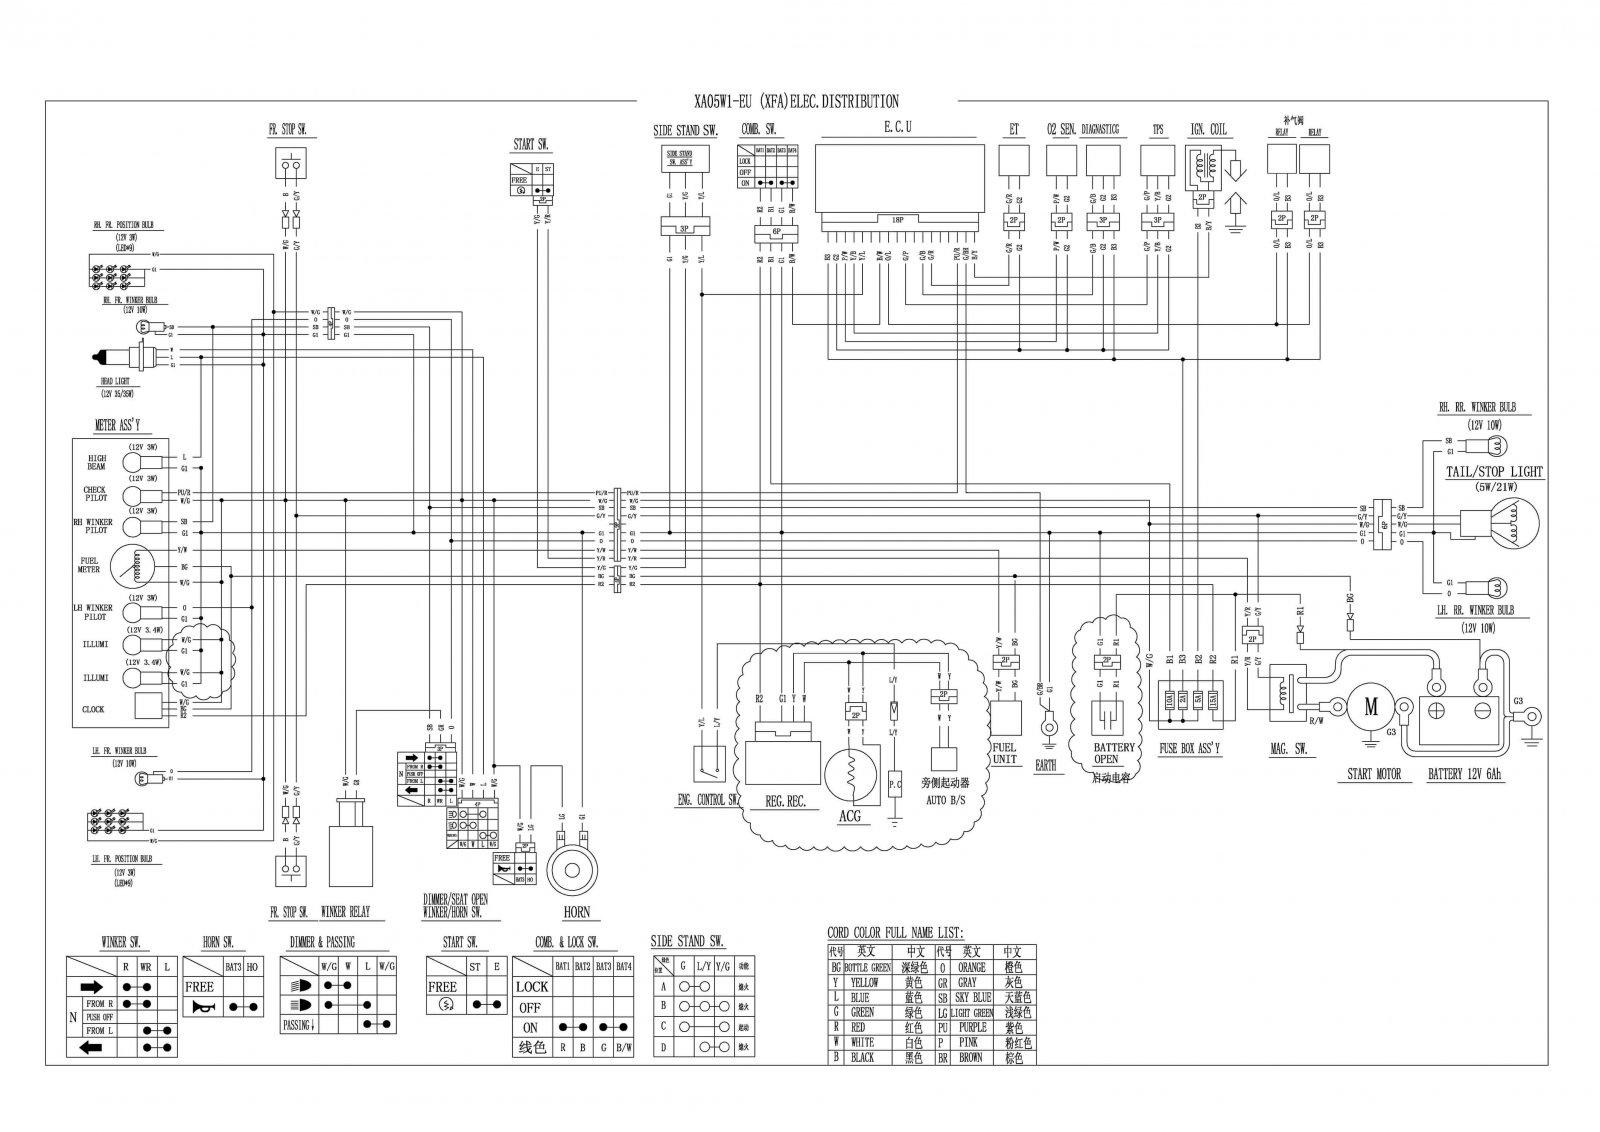 Sym Fiddle 3 euro 3-XA05W1-Wiring Diagram.jpg